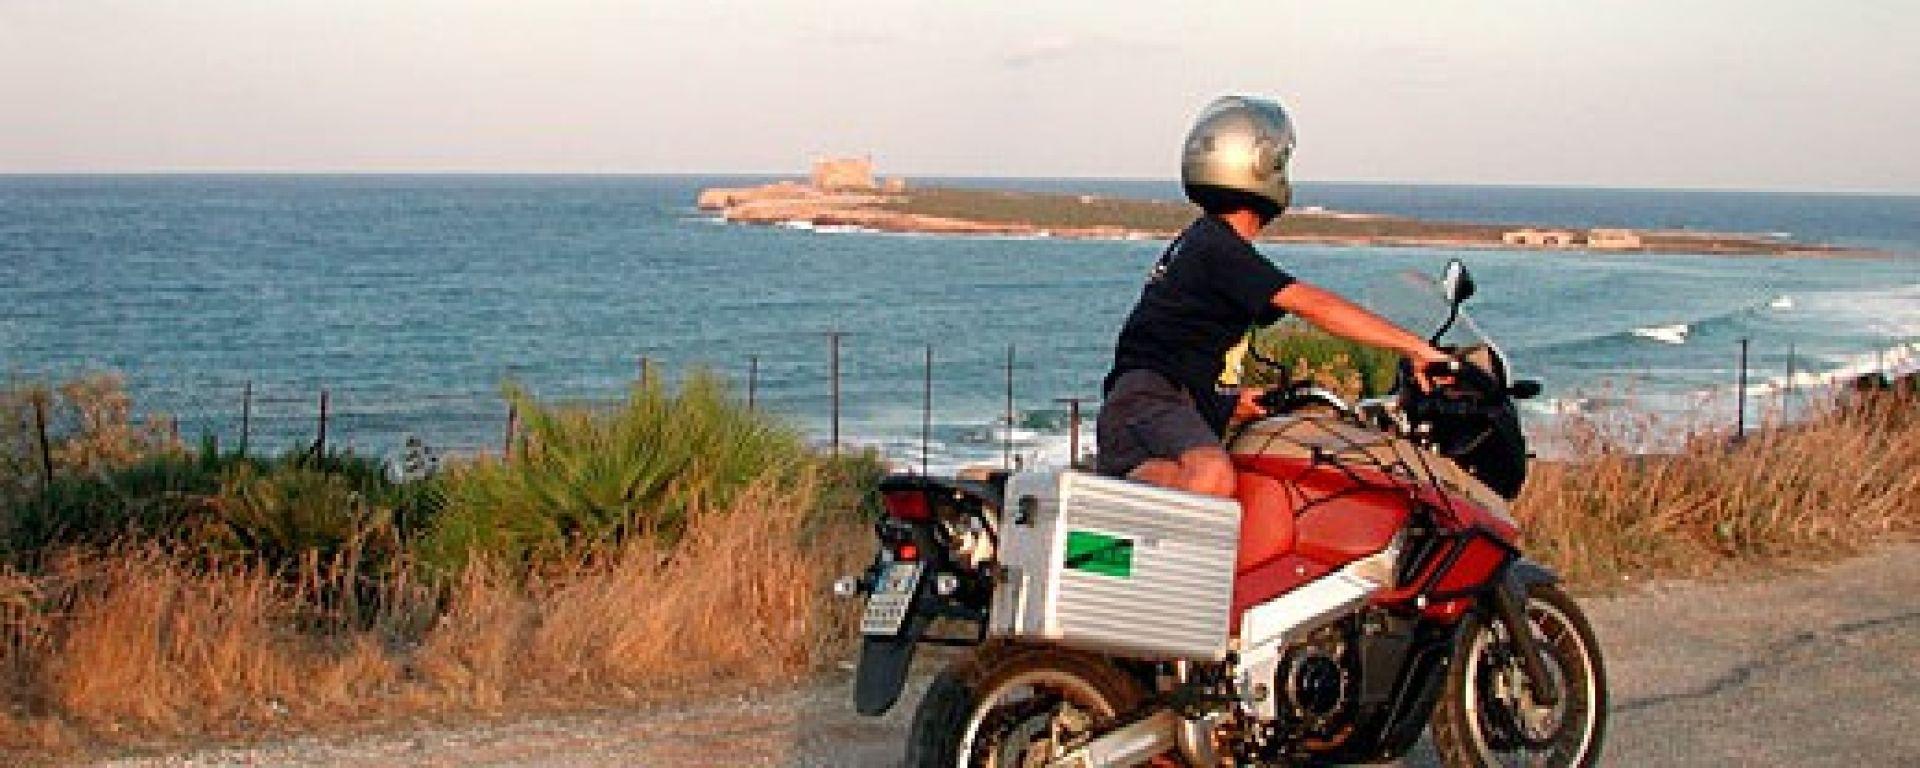 Speciale Vacanze in Moto: Regole di guida